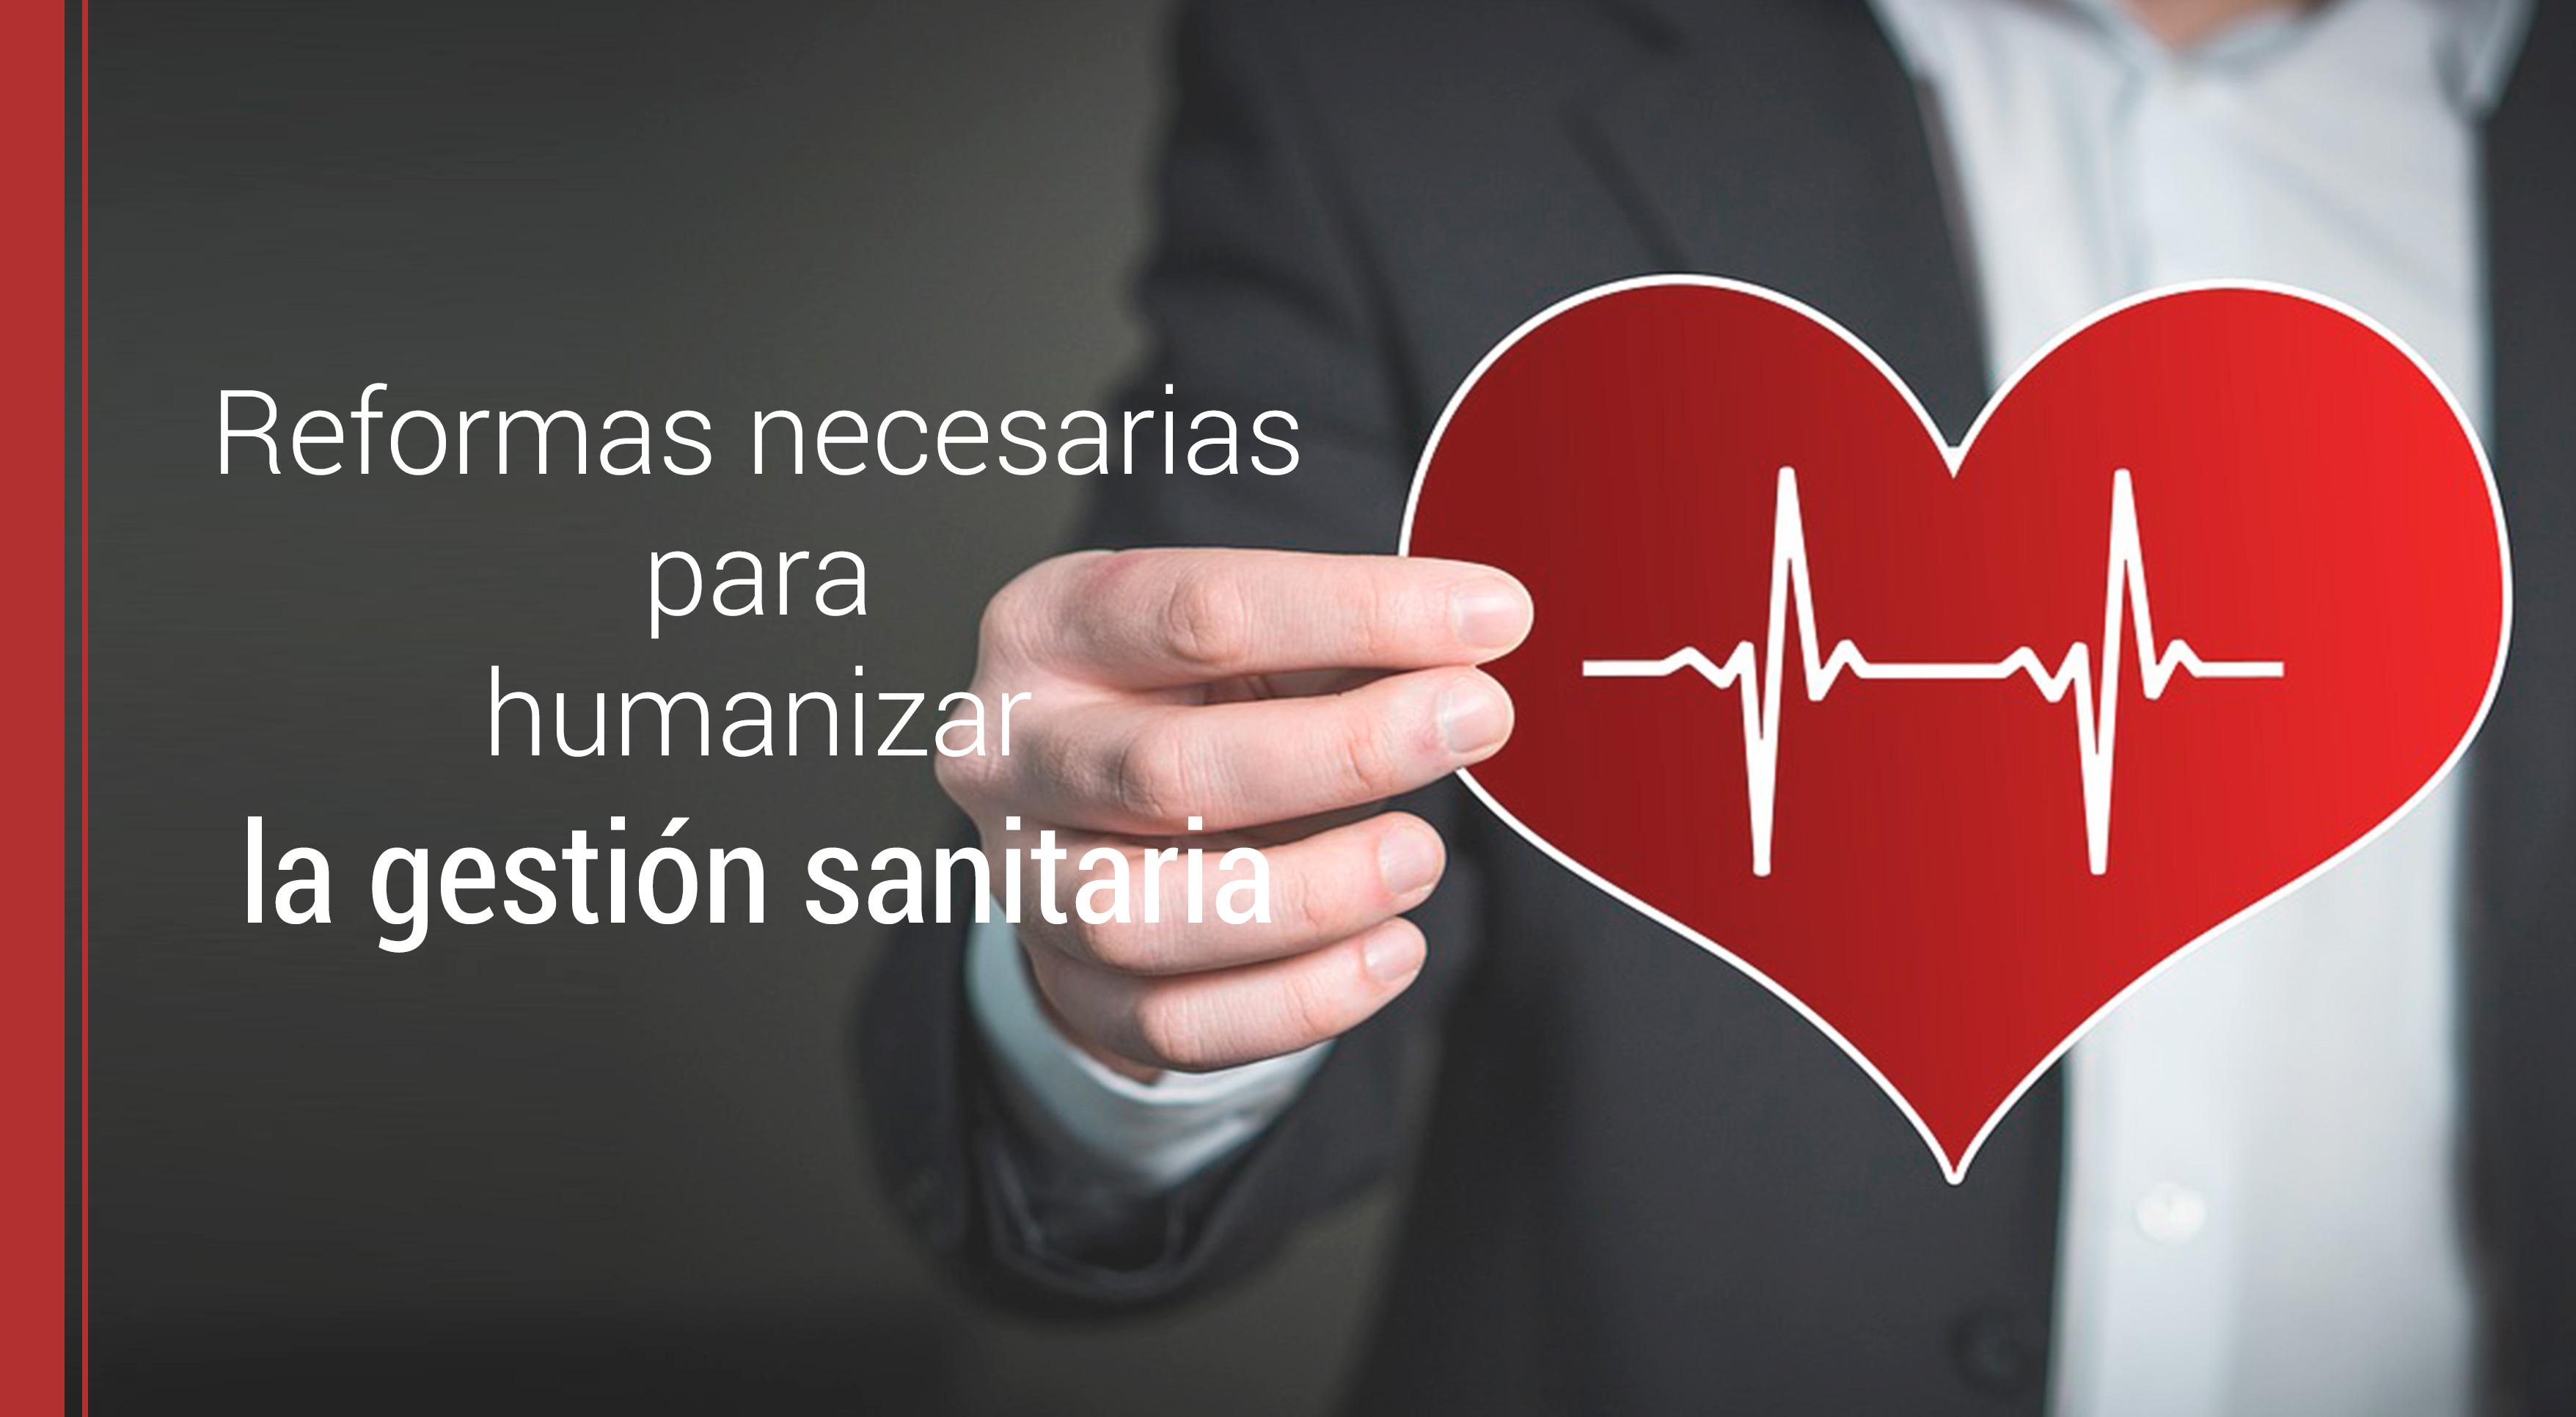 reformas-gestion-sanitaria Reformas necesarias para humanizar la gestión sanitaria